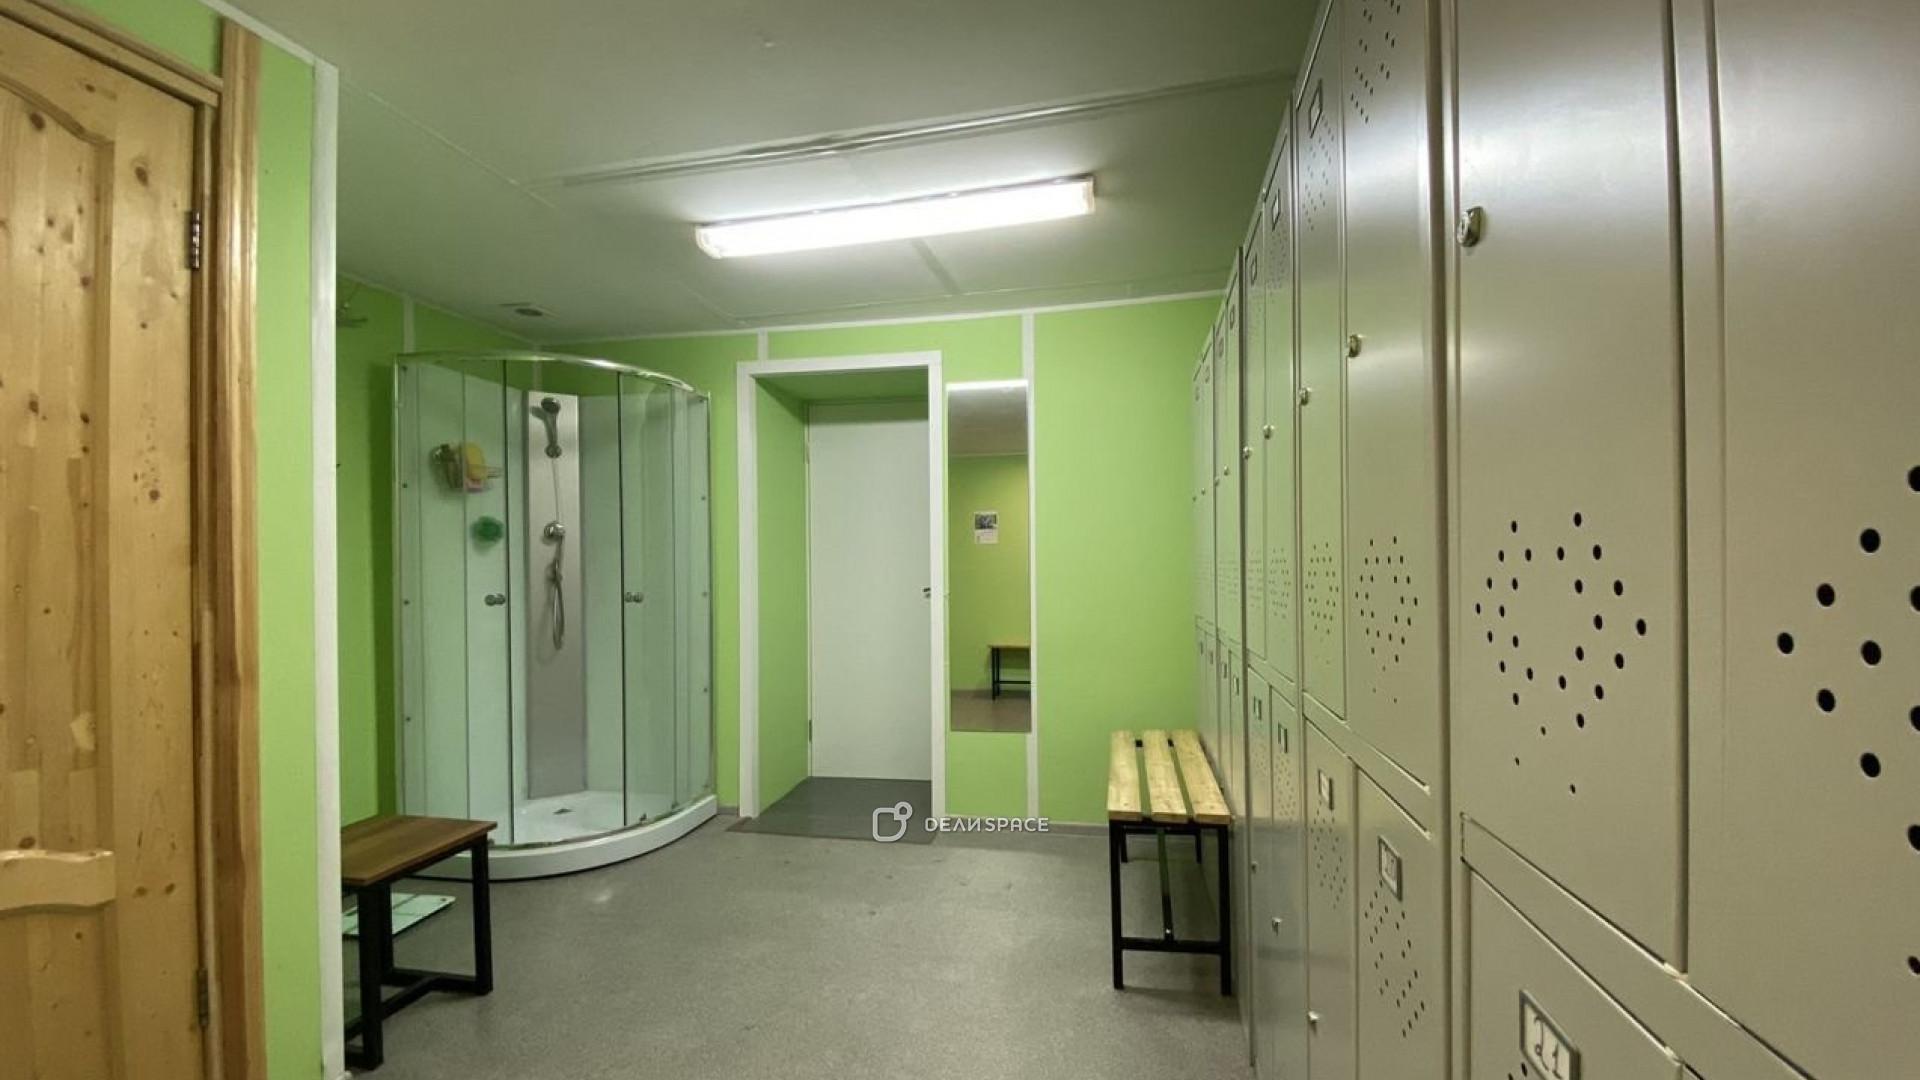 Малый Зал для боевых видов спорта - фото №2